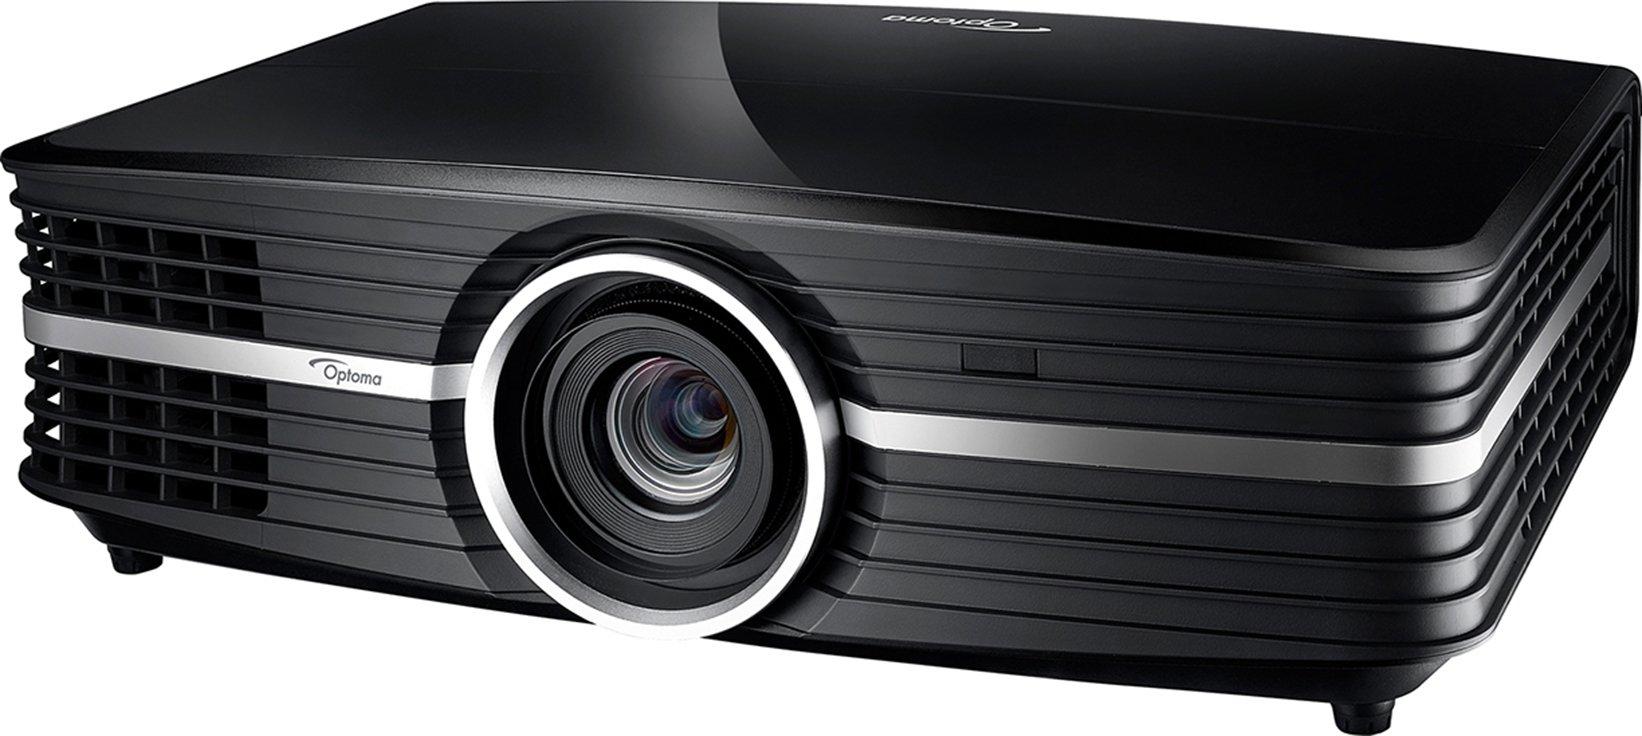 2200 Lumen 4K/UHD/HD Projector